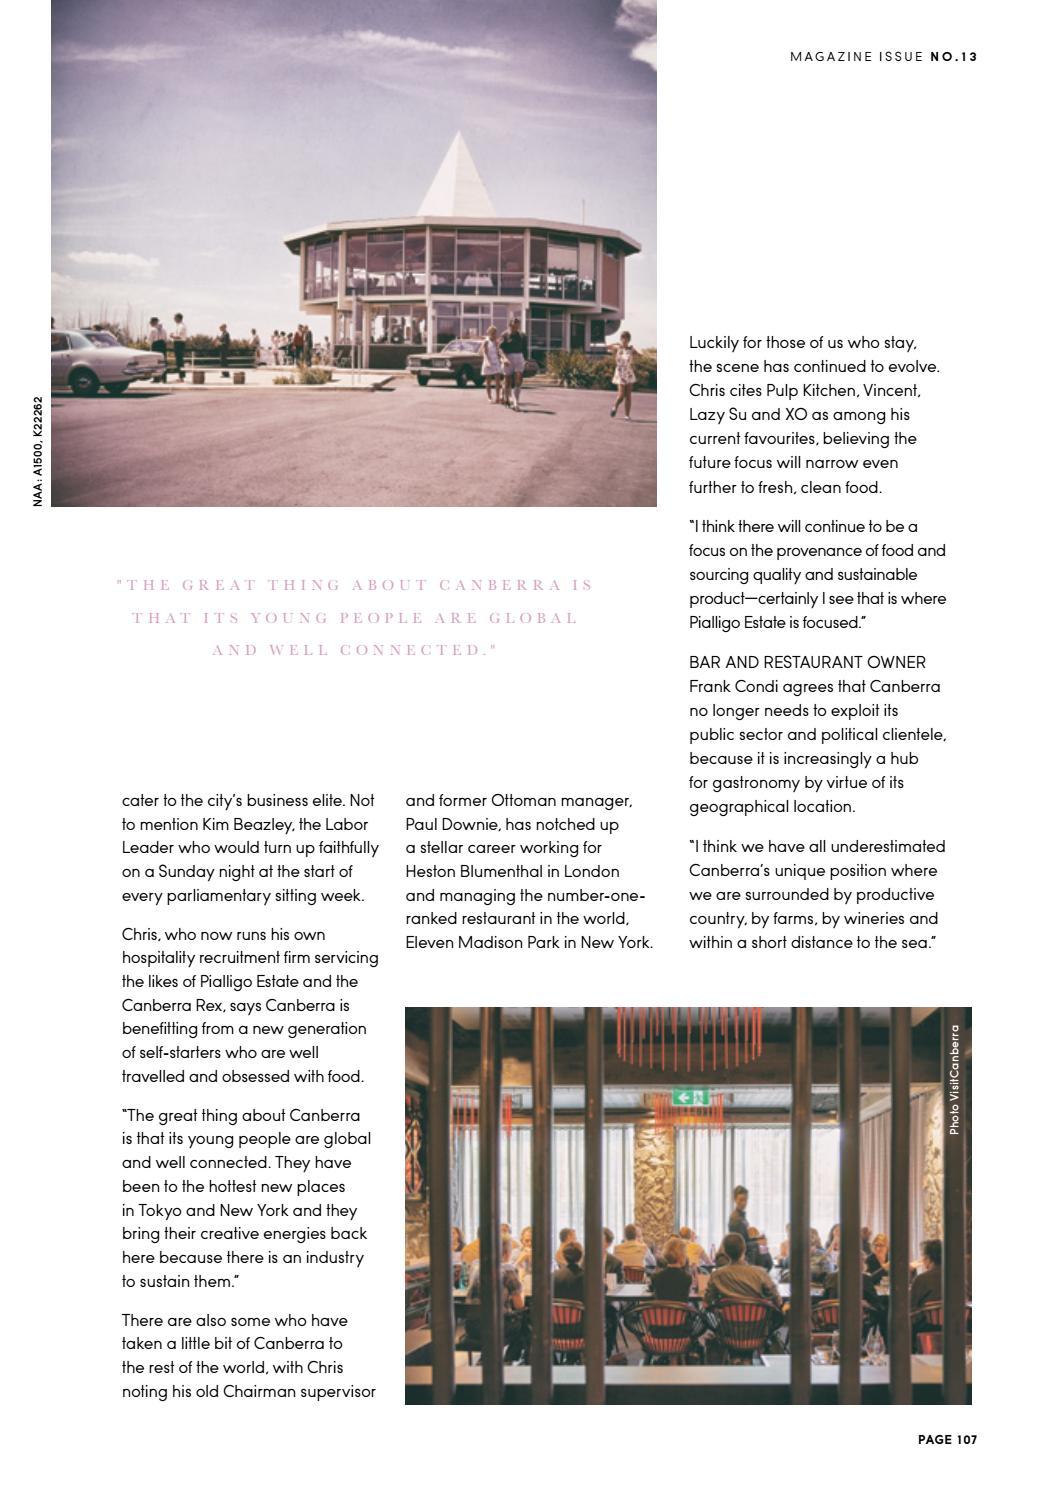 HerCanberra Magazine Issue 13: Taste by HerCanberra - issuu